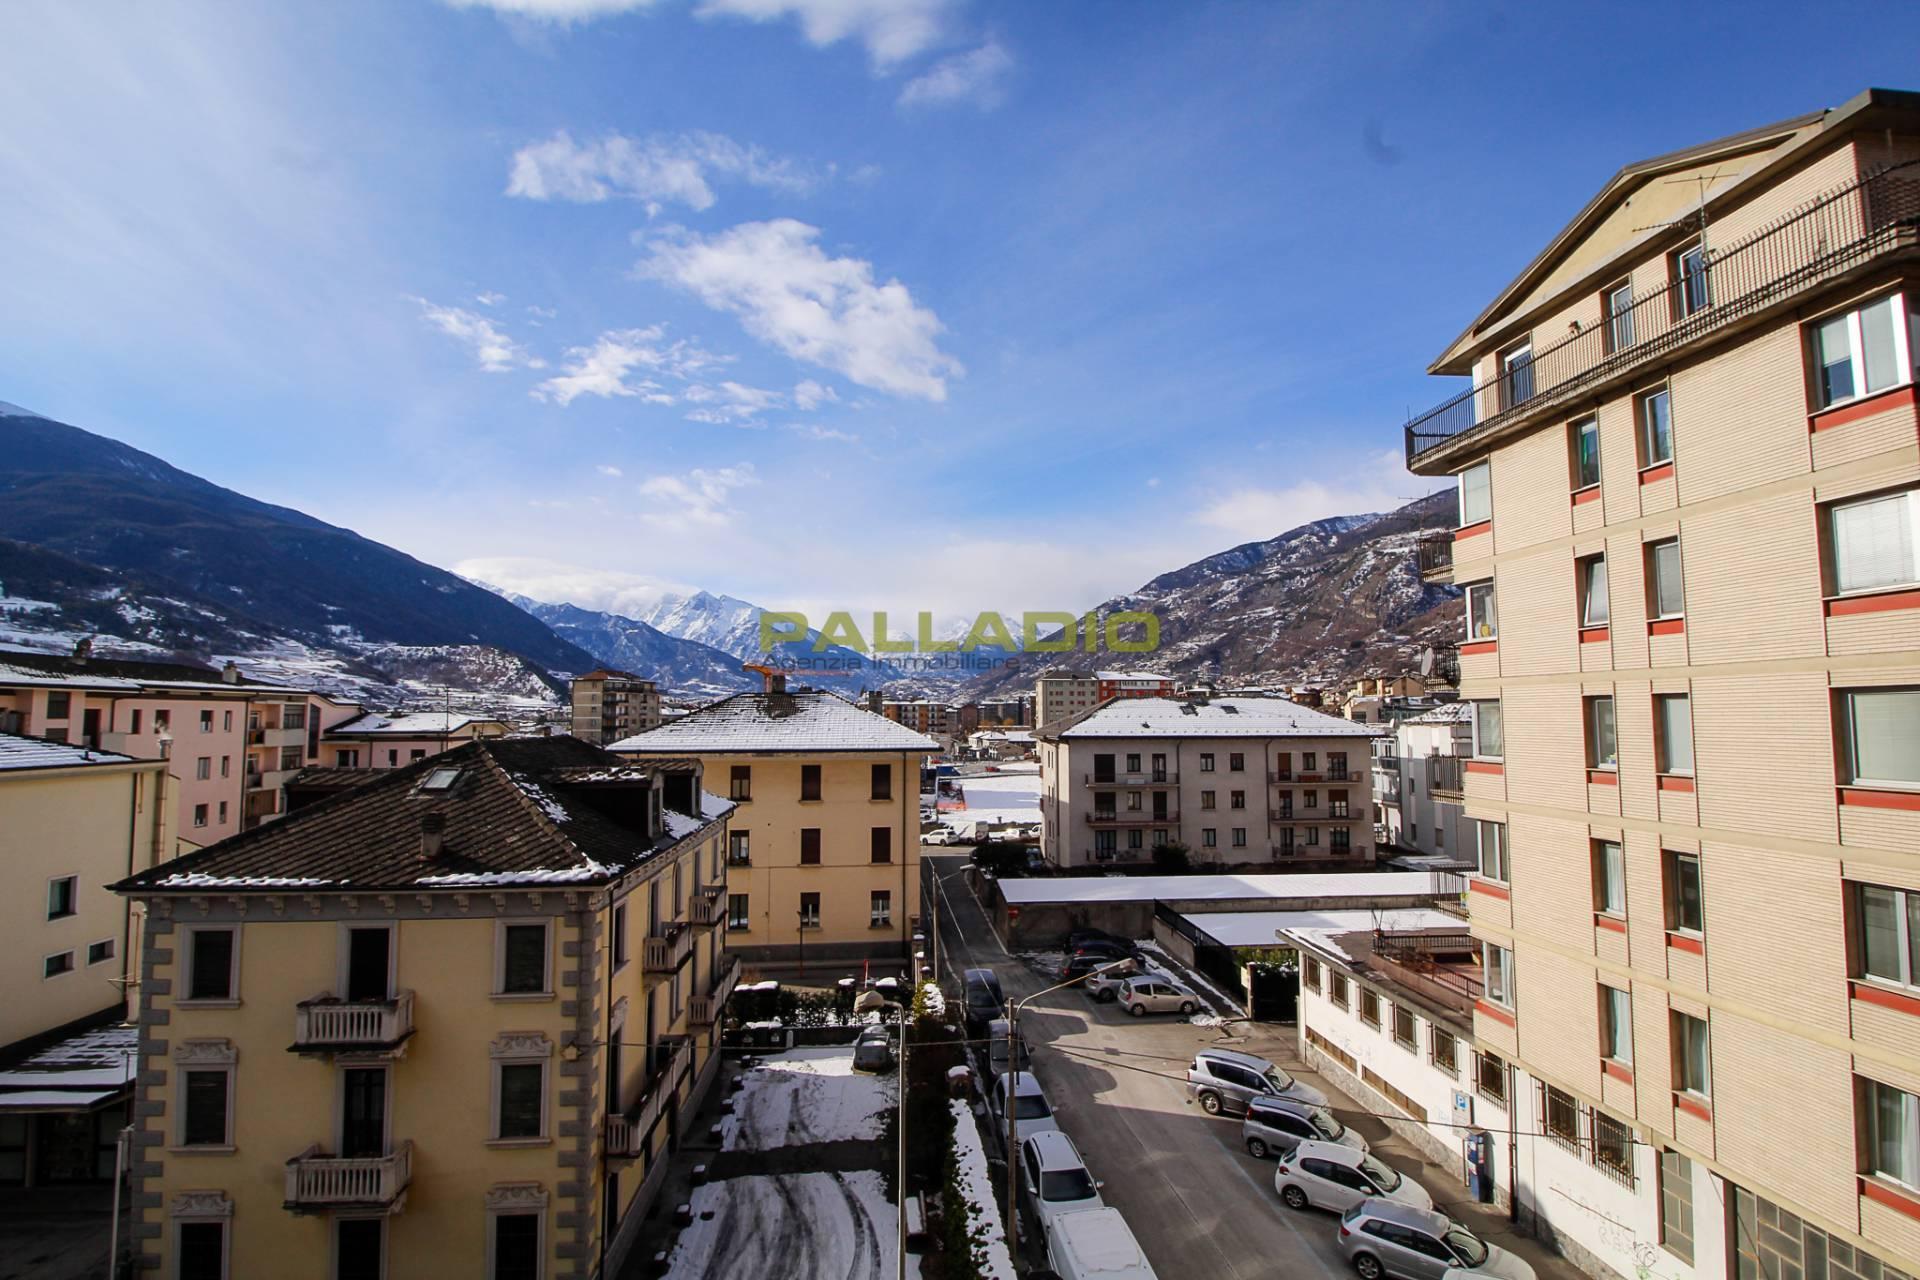 Appartamento in affitto a Aosta (AO)